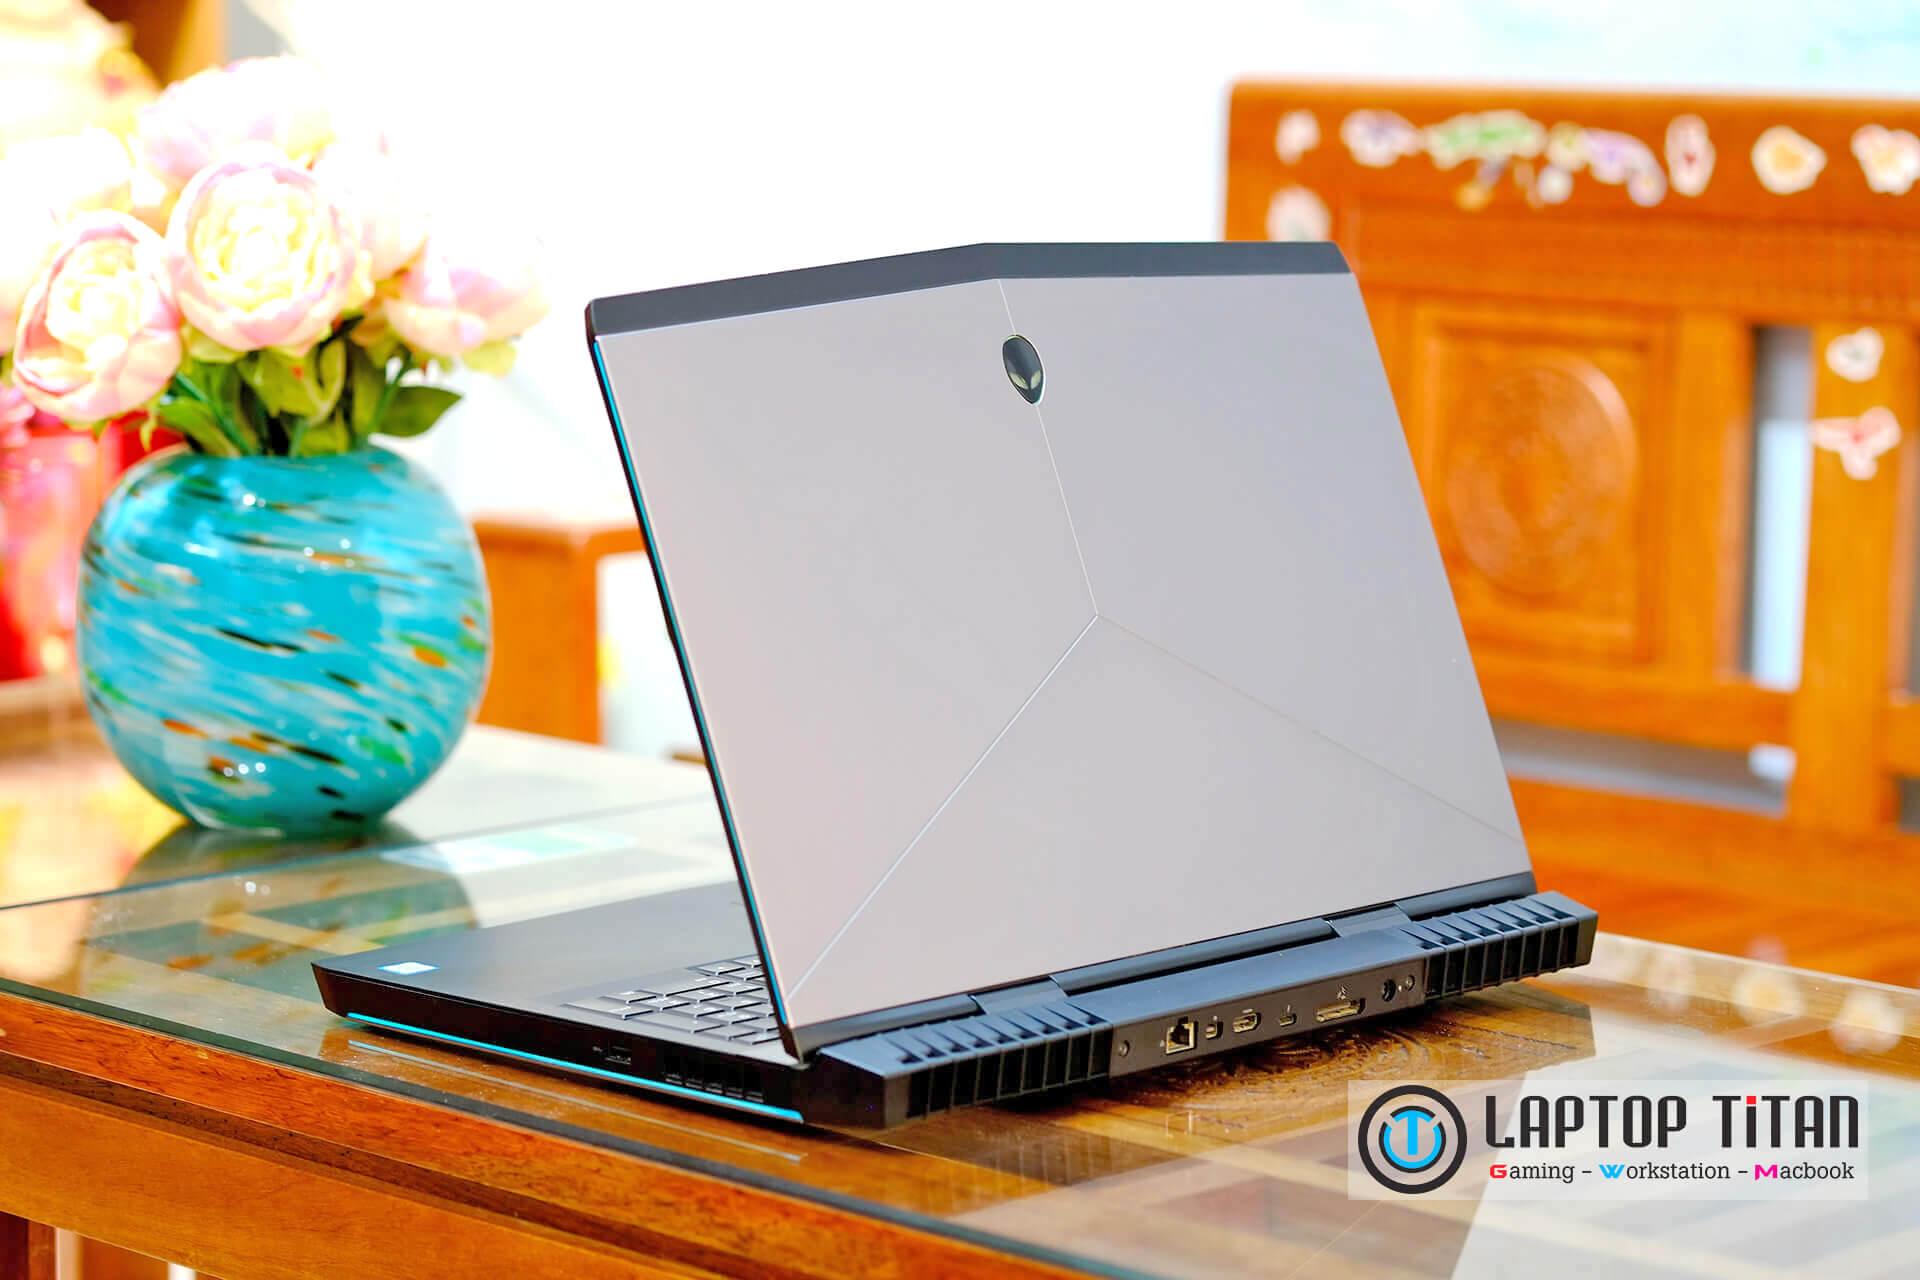 Dell Alienware 17 R4 Laptoptitan 005